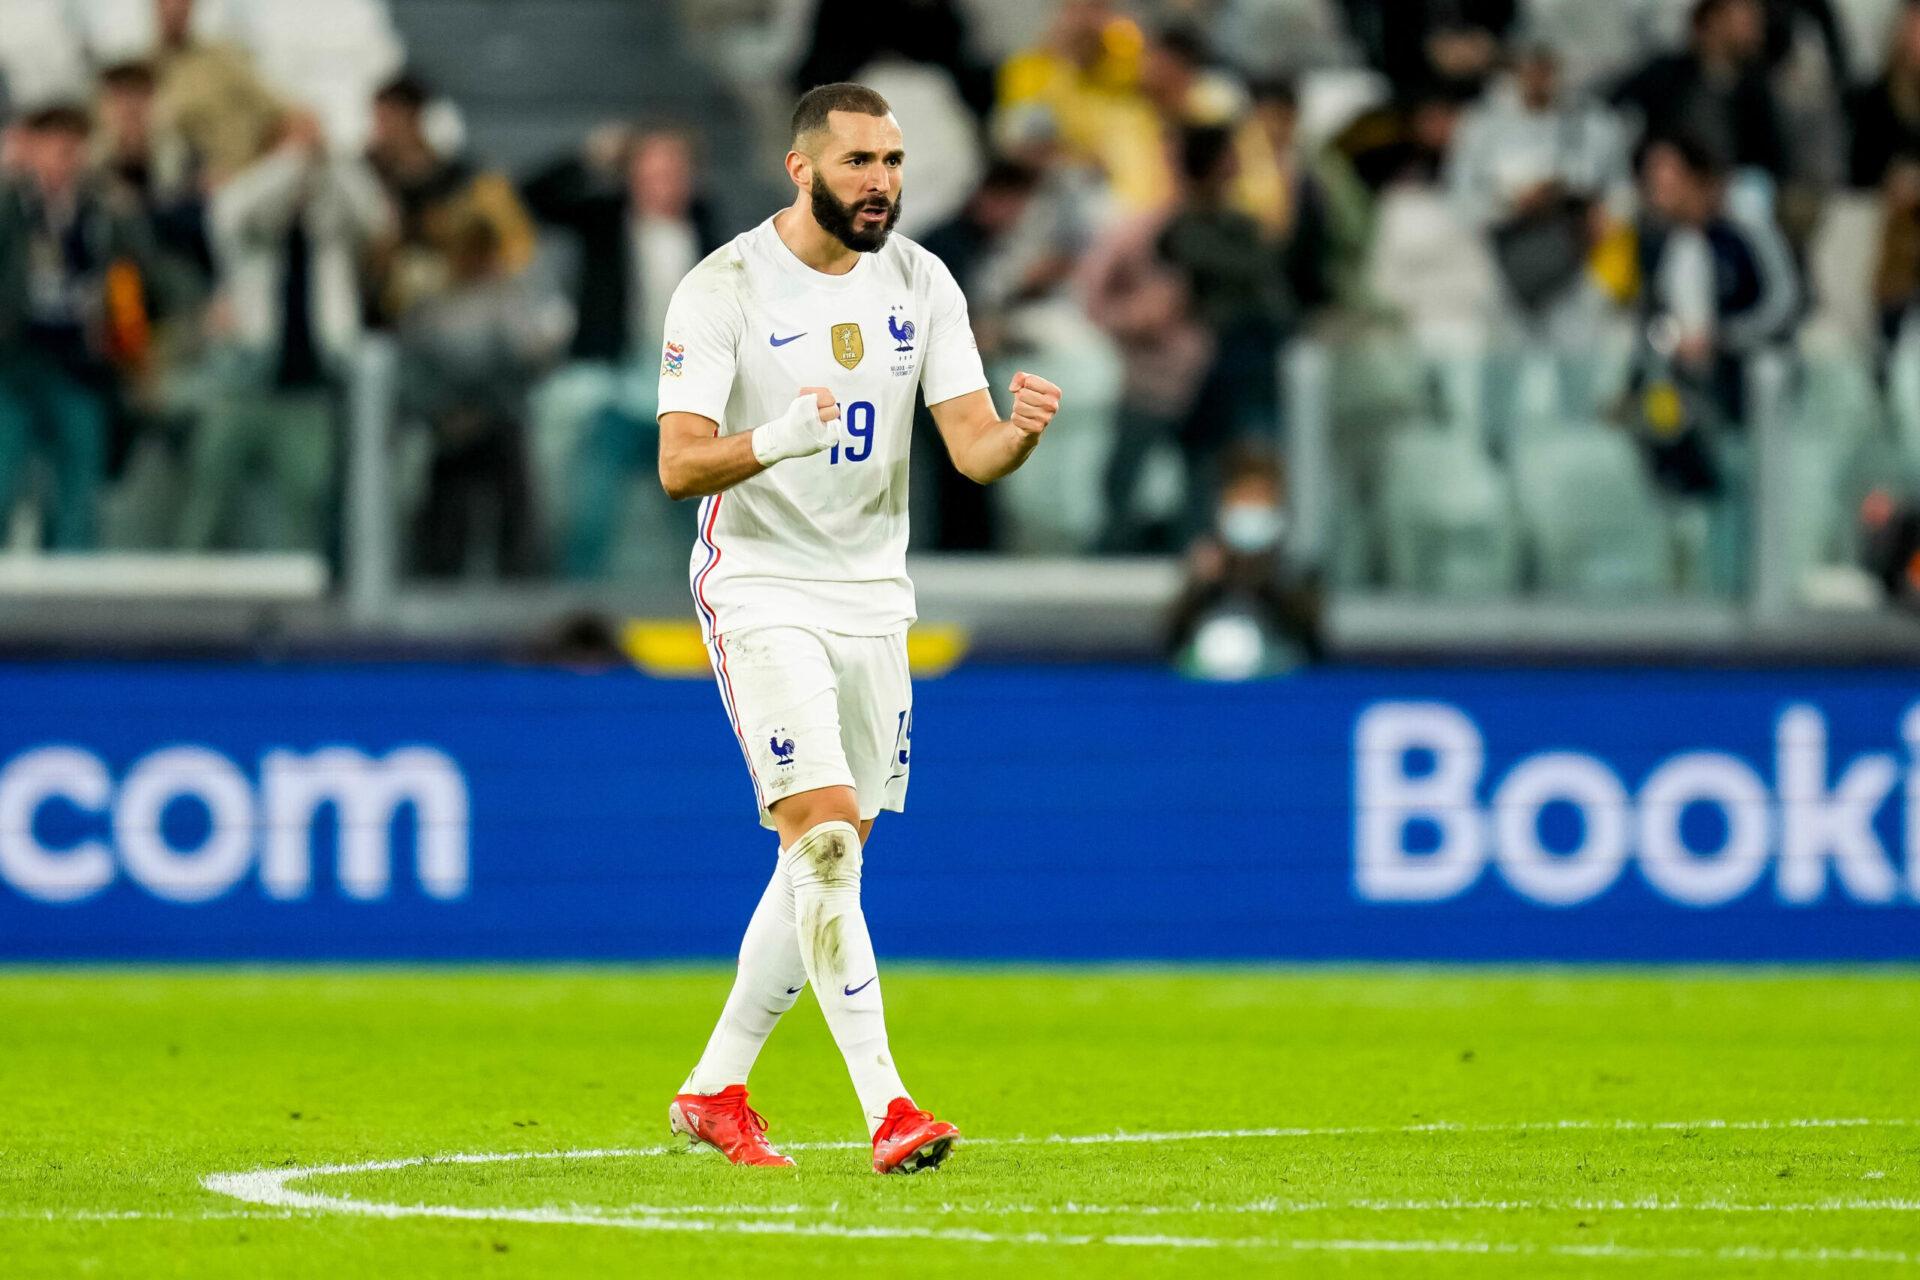 Buteur contre la Belgique, Karim Benzema avait relancé l'équipe de France, pourtant mal en point contre les Belges. Icon Sport